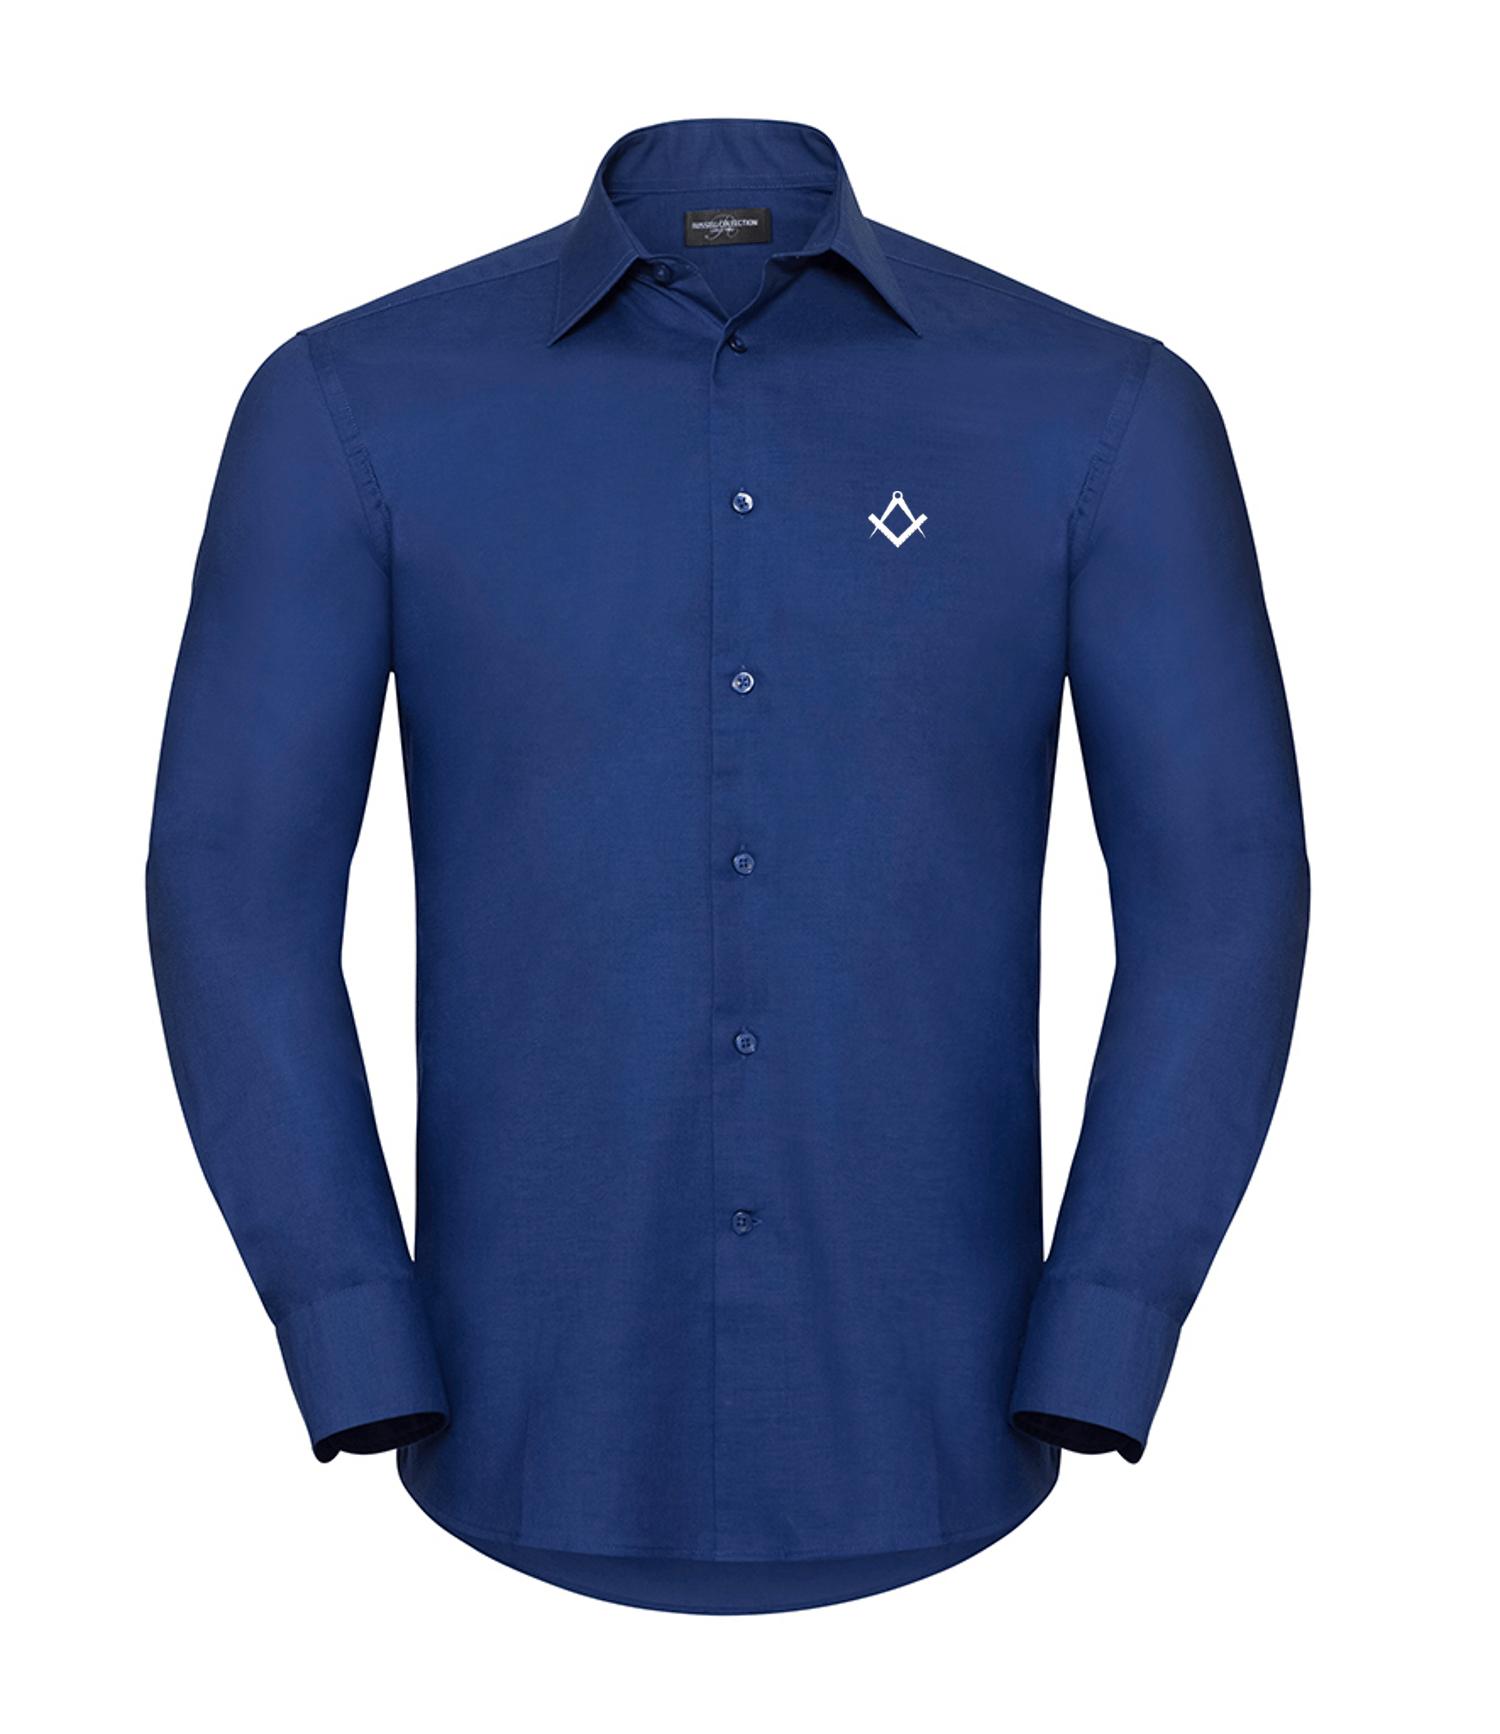 2bae5ccb Masonic smart casual shirt bright royal blue front | Gifts and ...